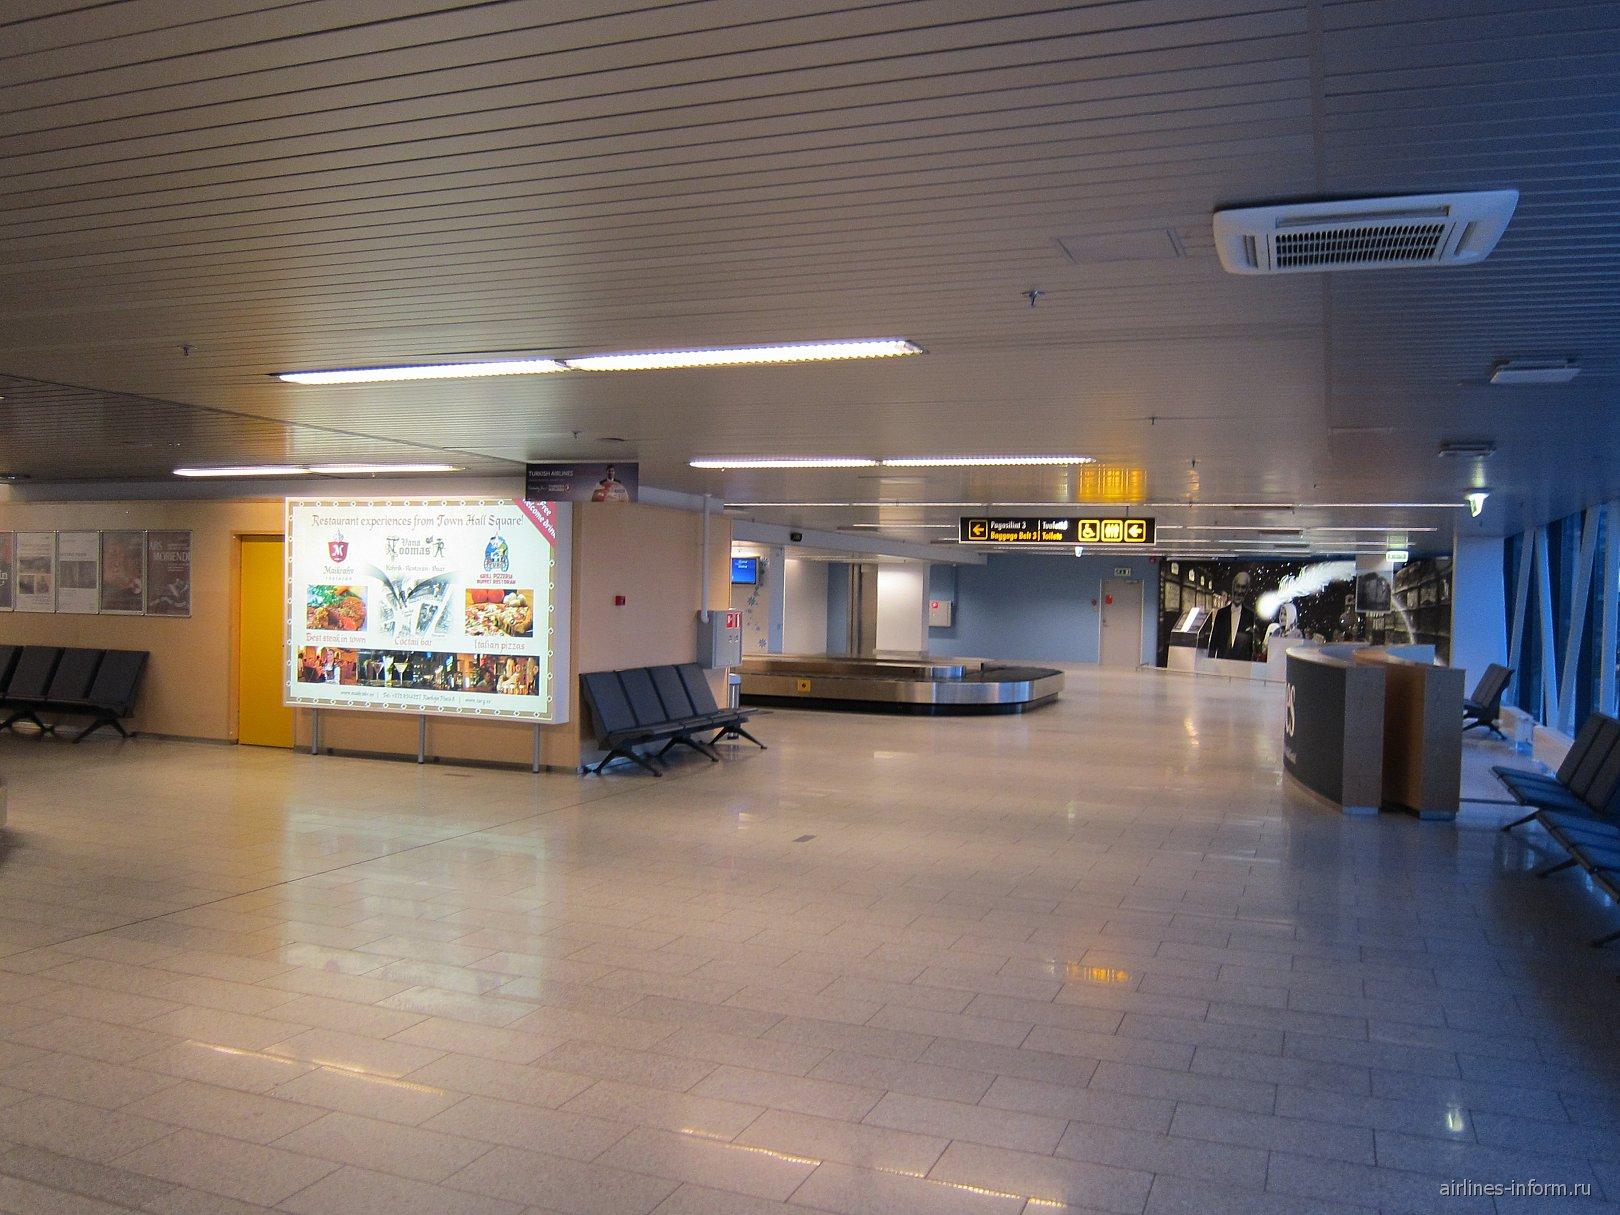 Зал выдачи багажа в аэропорту Таллинн